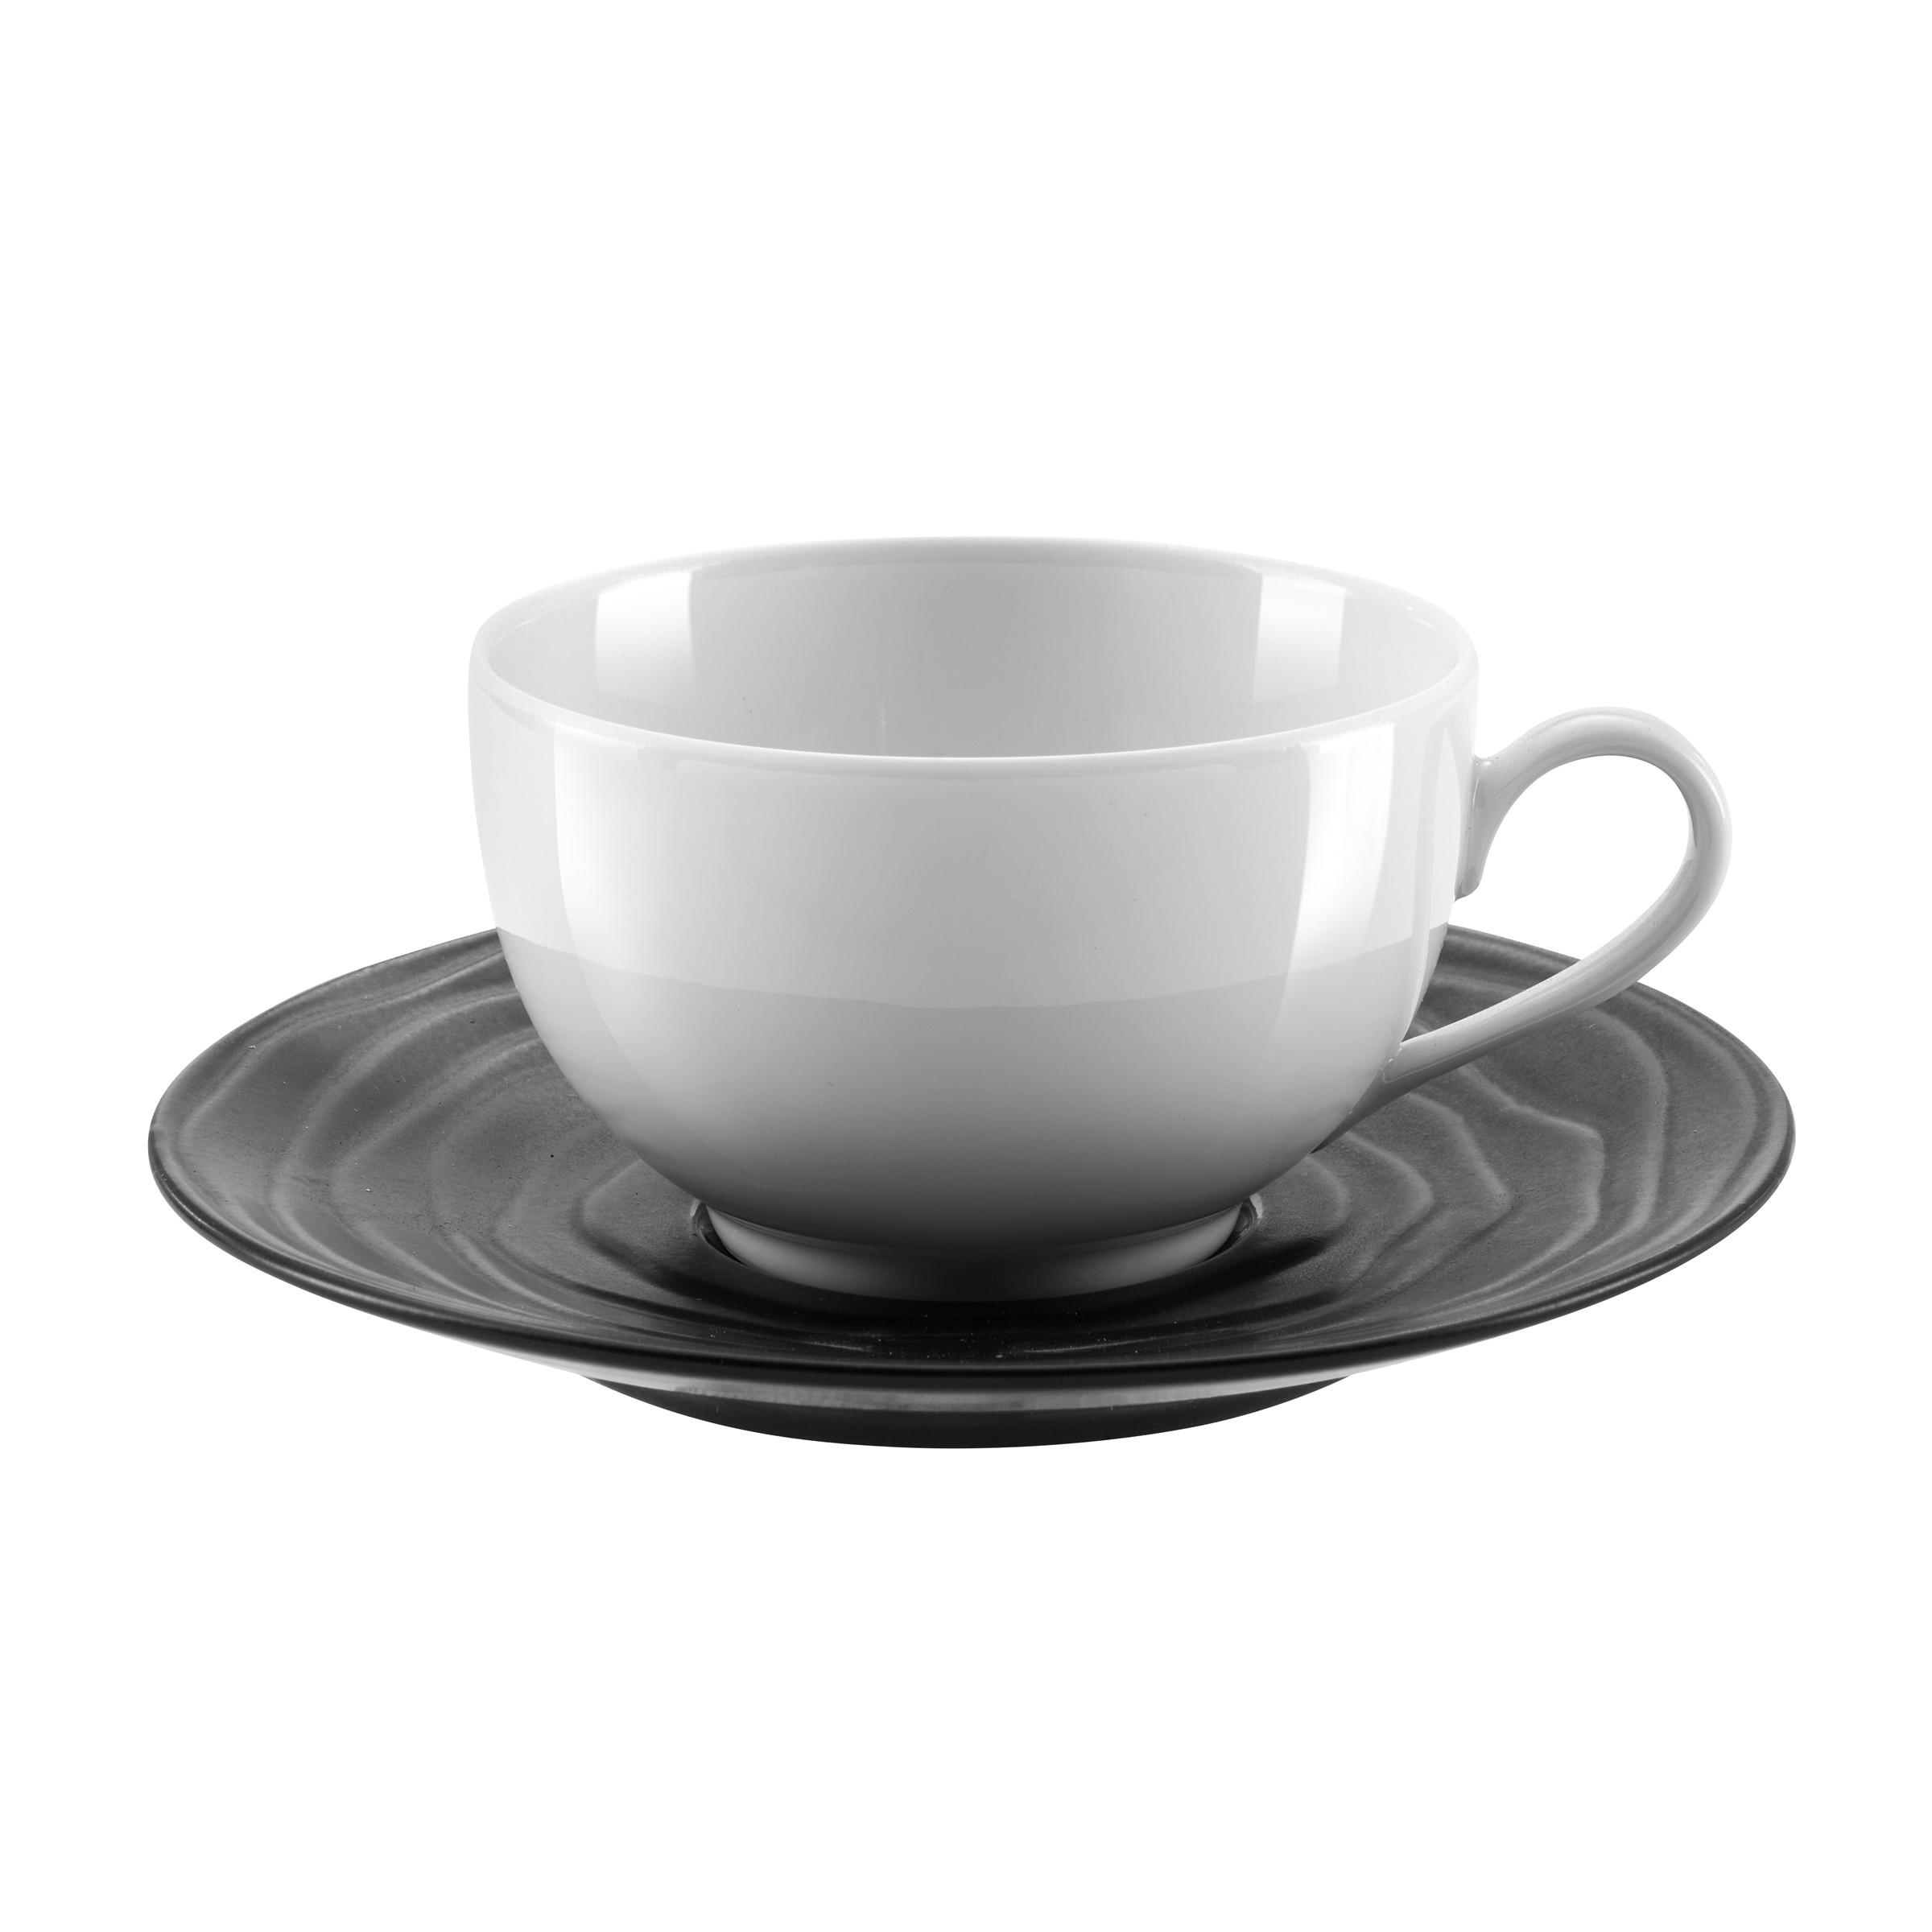 Tasse et soucoupe à thé - Lot de 6